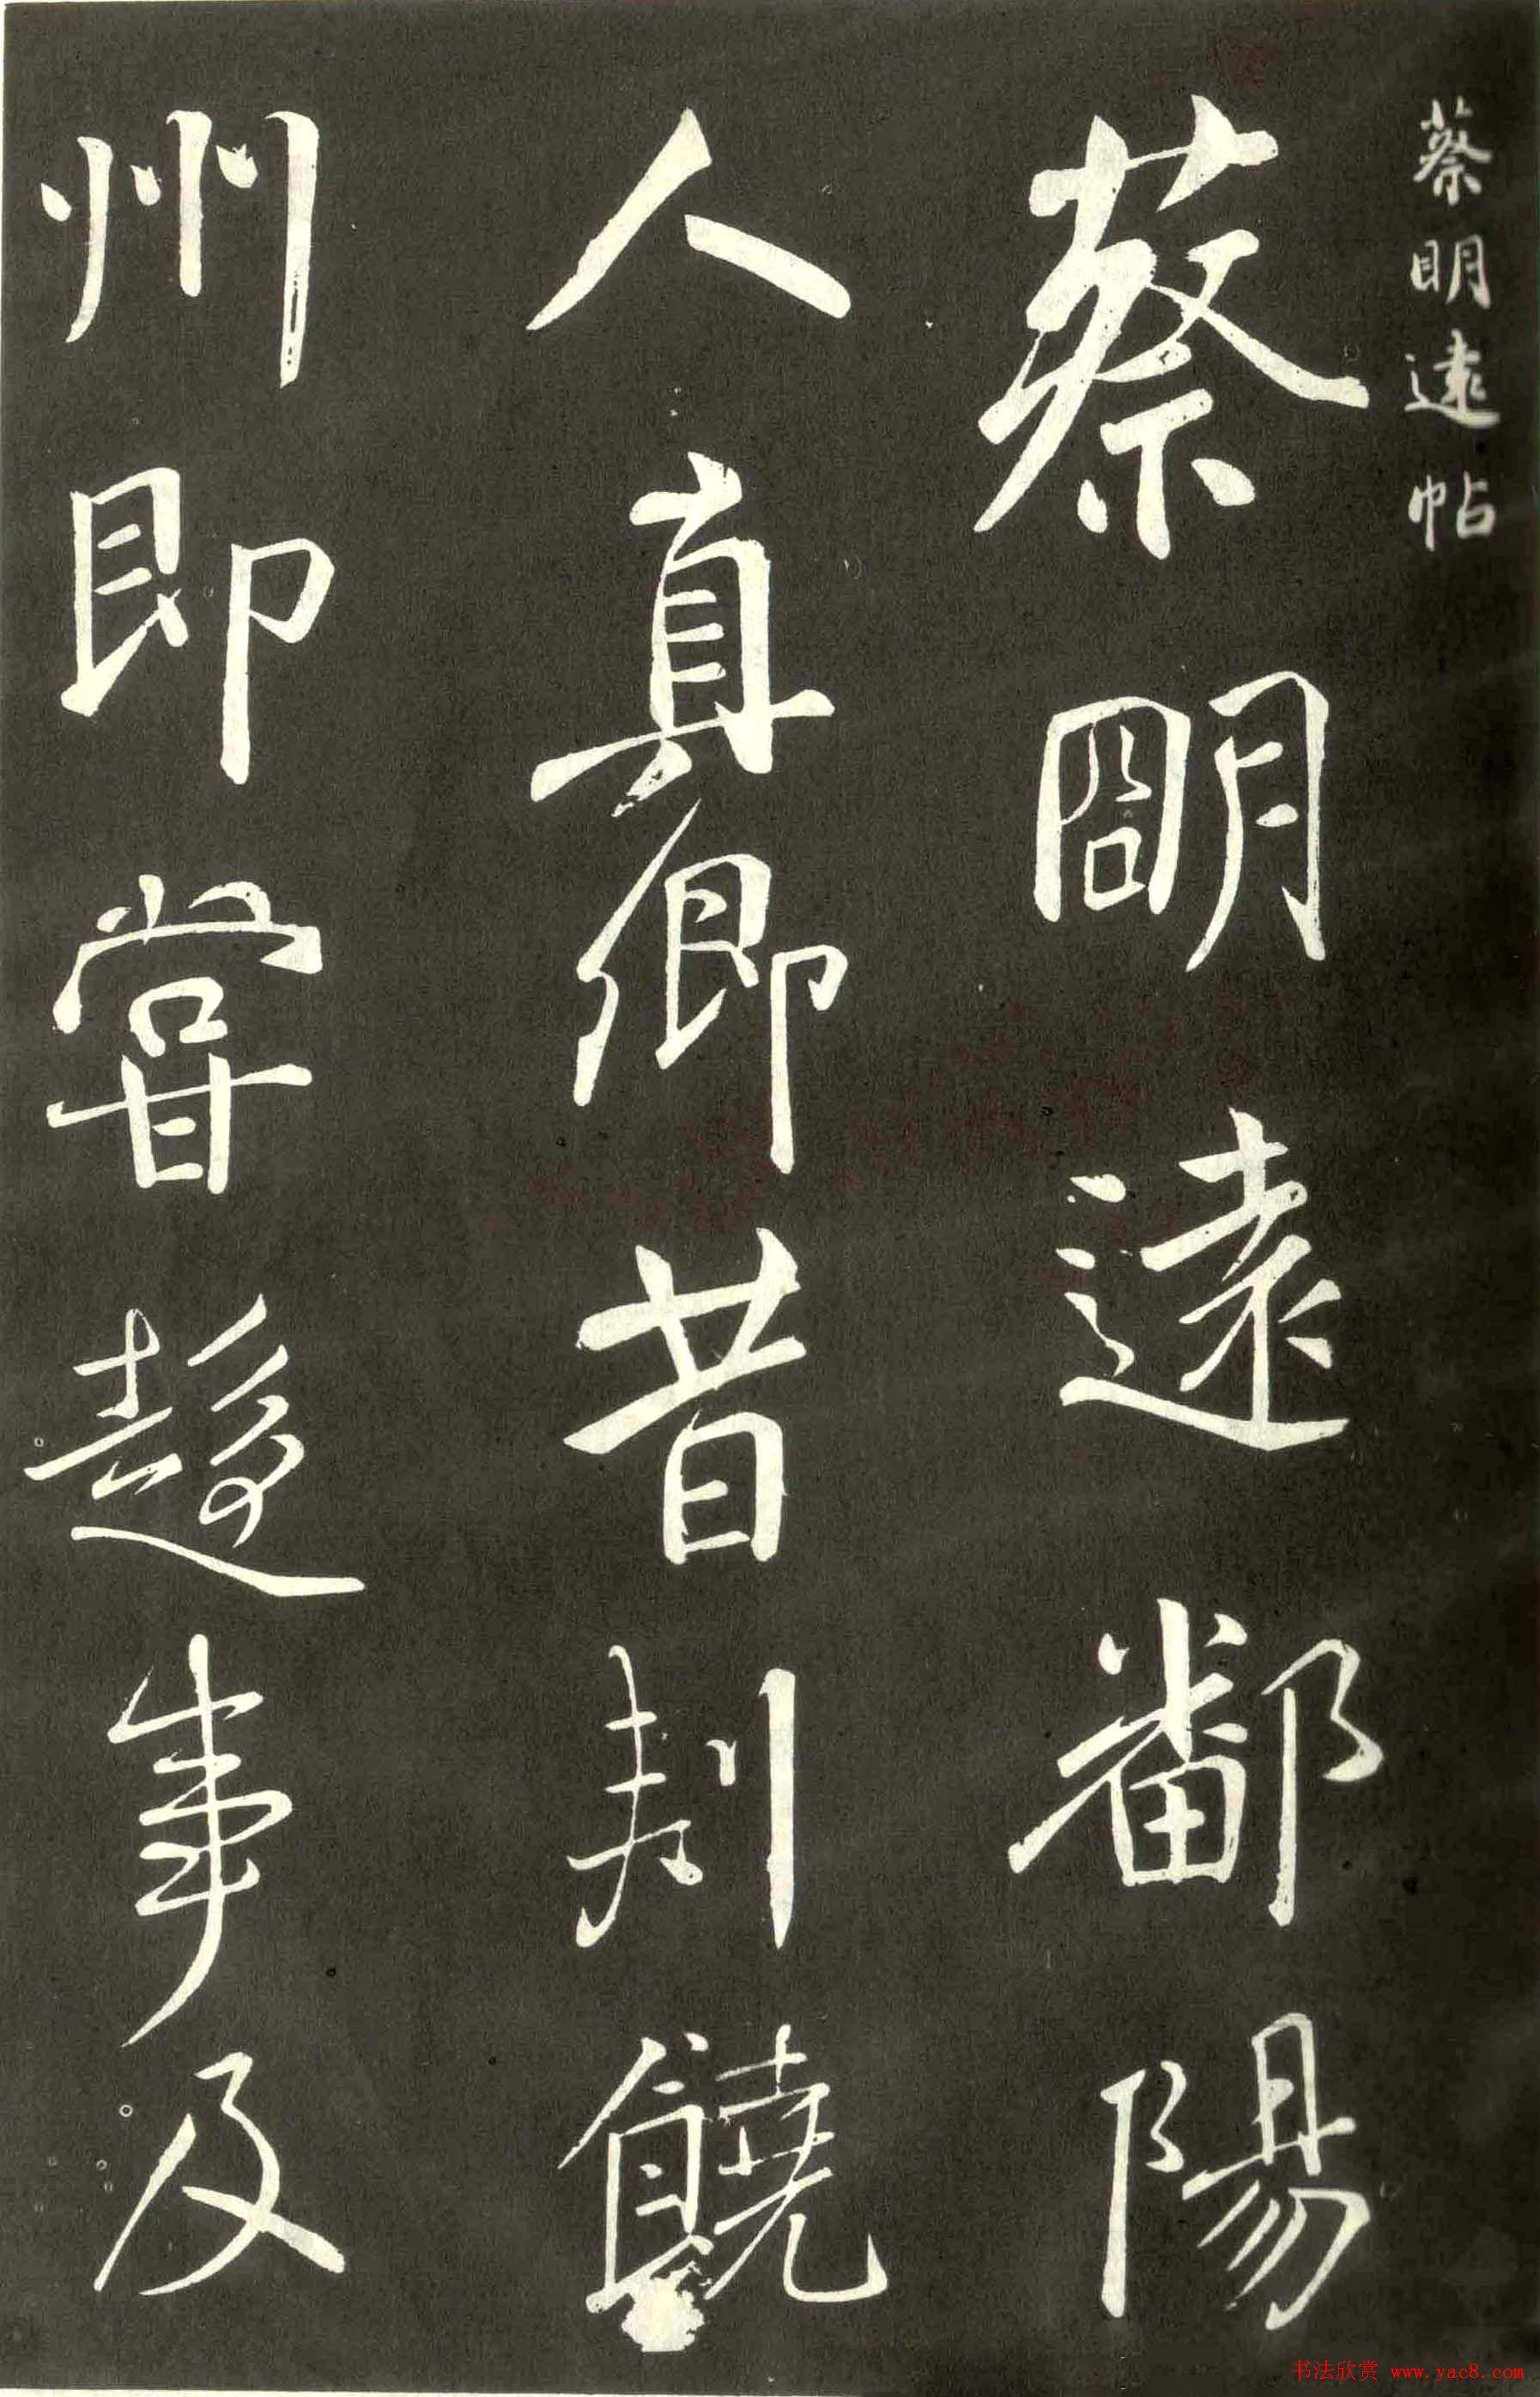 米字格版字帖欣赏《集颜真卿楷书古诗文》局部